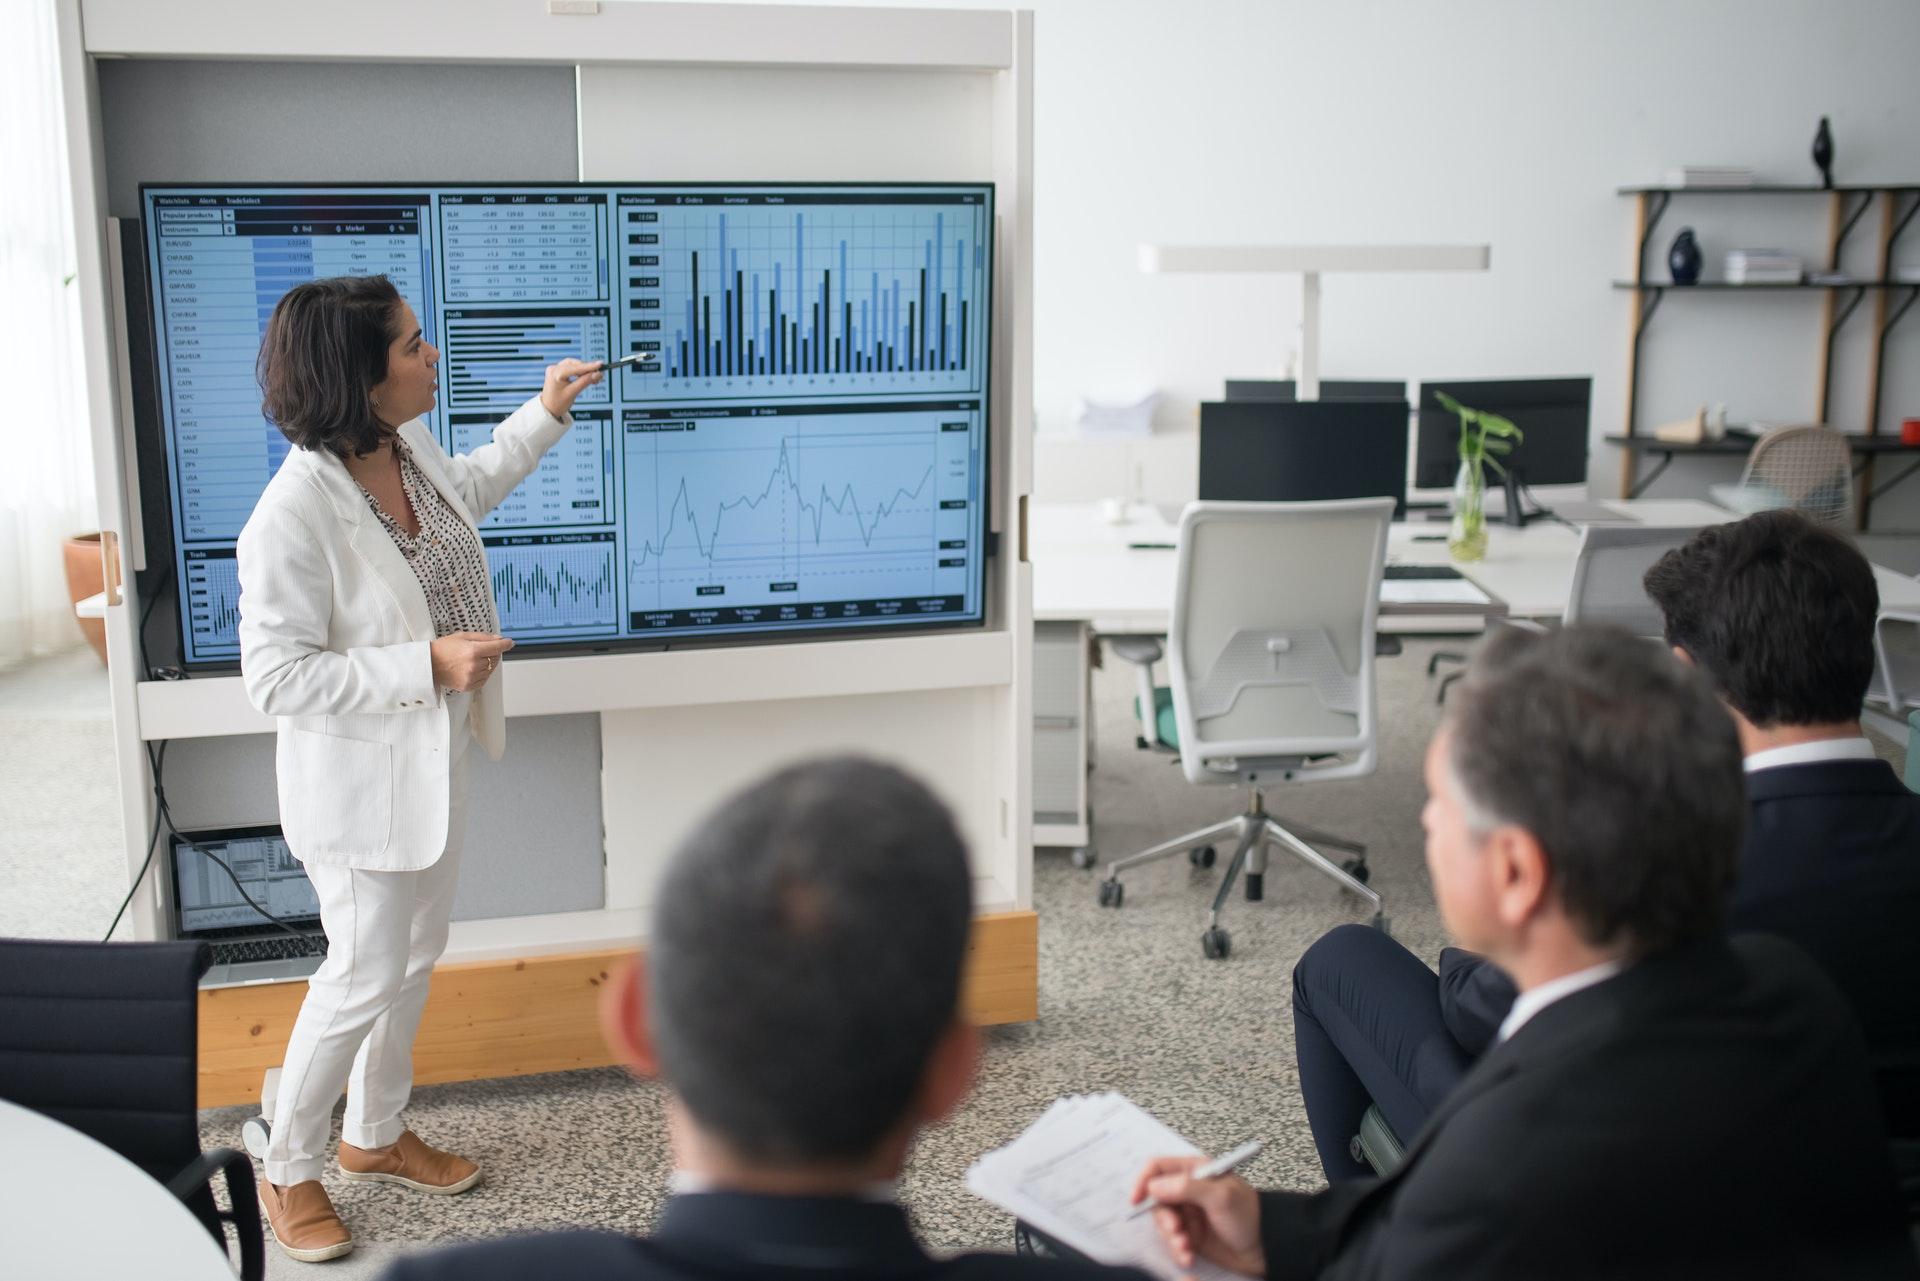 Vemos uma mulher mostrando alguns gráficos em um telão para  alguns empresários em uma escritório (imagem ilustrativa). Texto: franquias baratas e lucrativas.